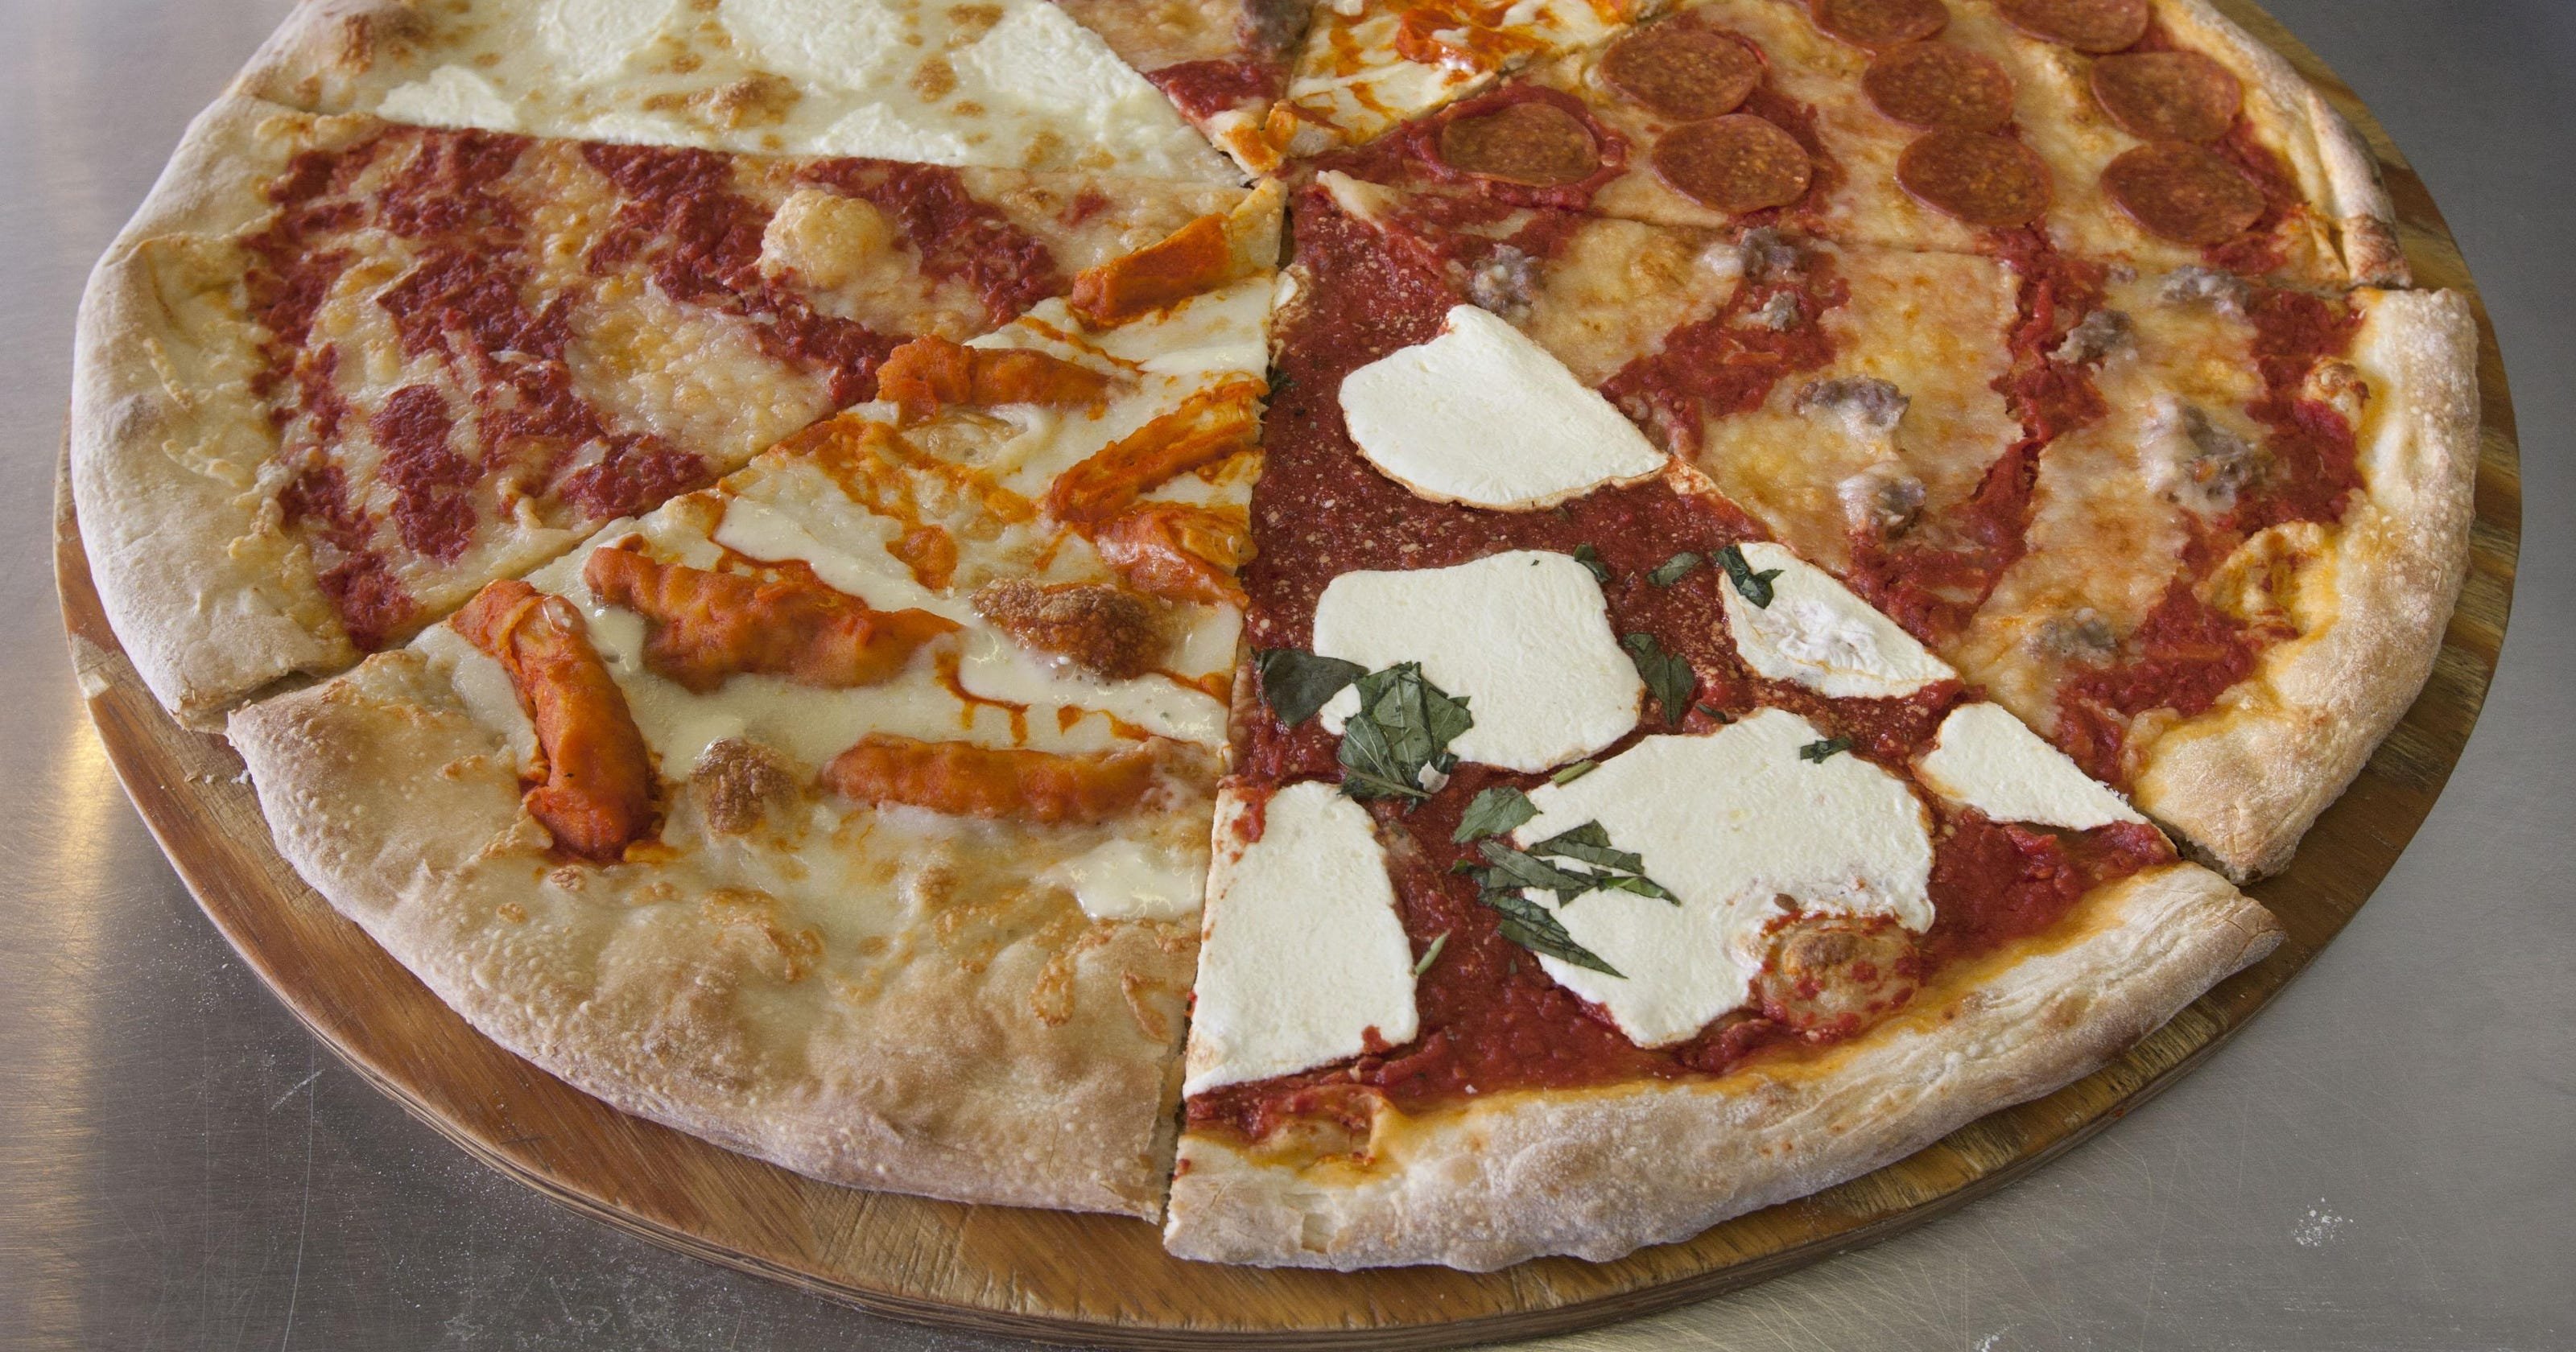 11 boardwalk spots for a great slice of pizza